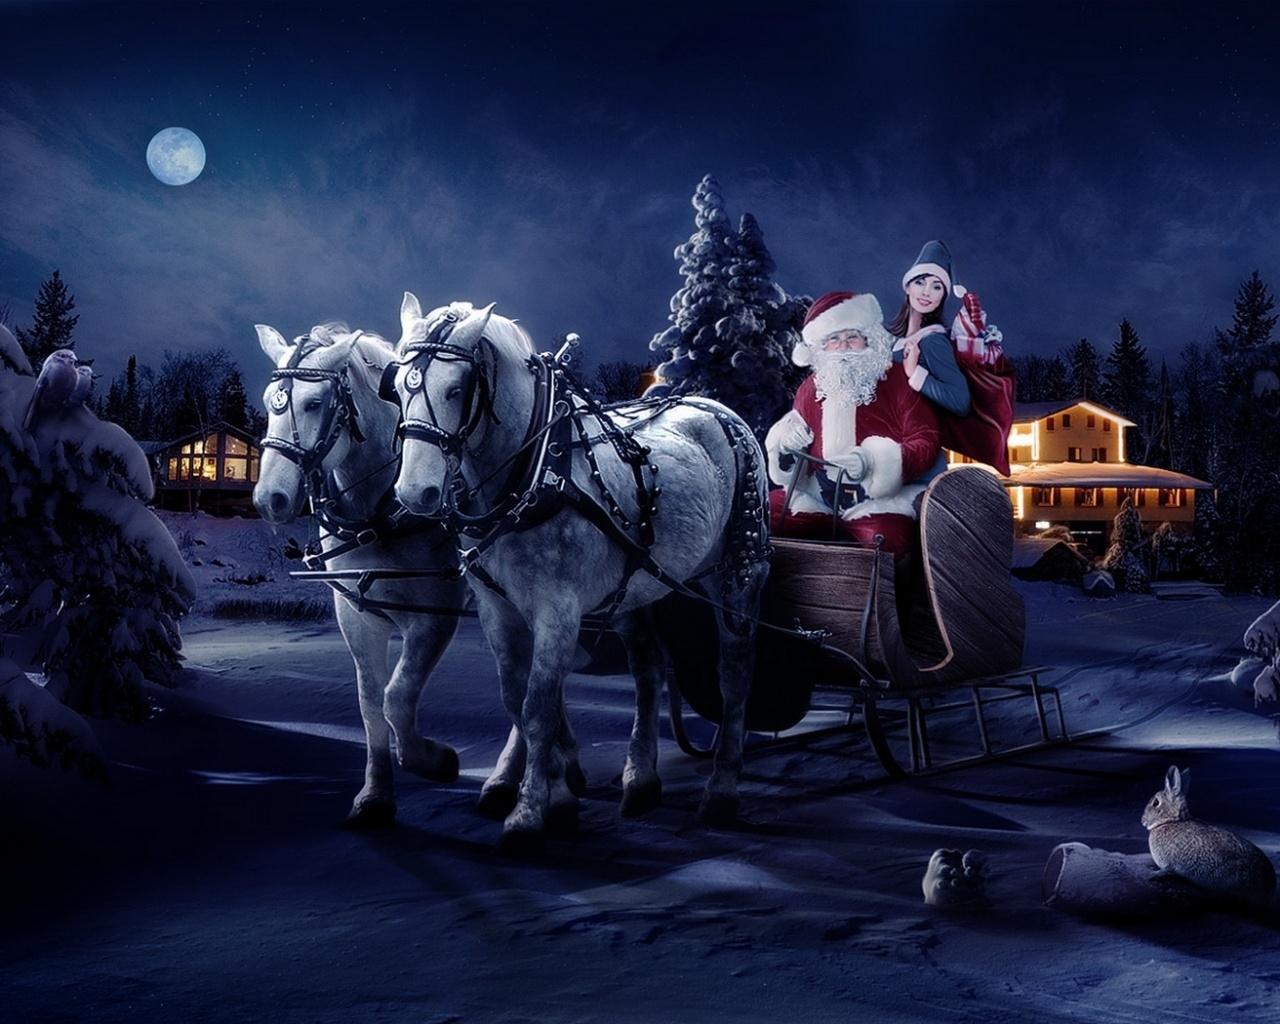 14068 скачать обои Праздники, Люди, Новый Год (New Year), Санта Клаус (Santa Claus), Рождество (Christmas, Xmas) - заставки и картинки бесплатно